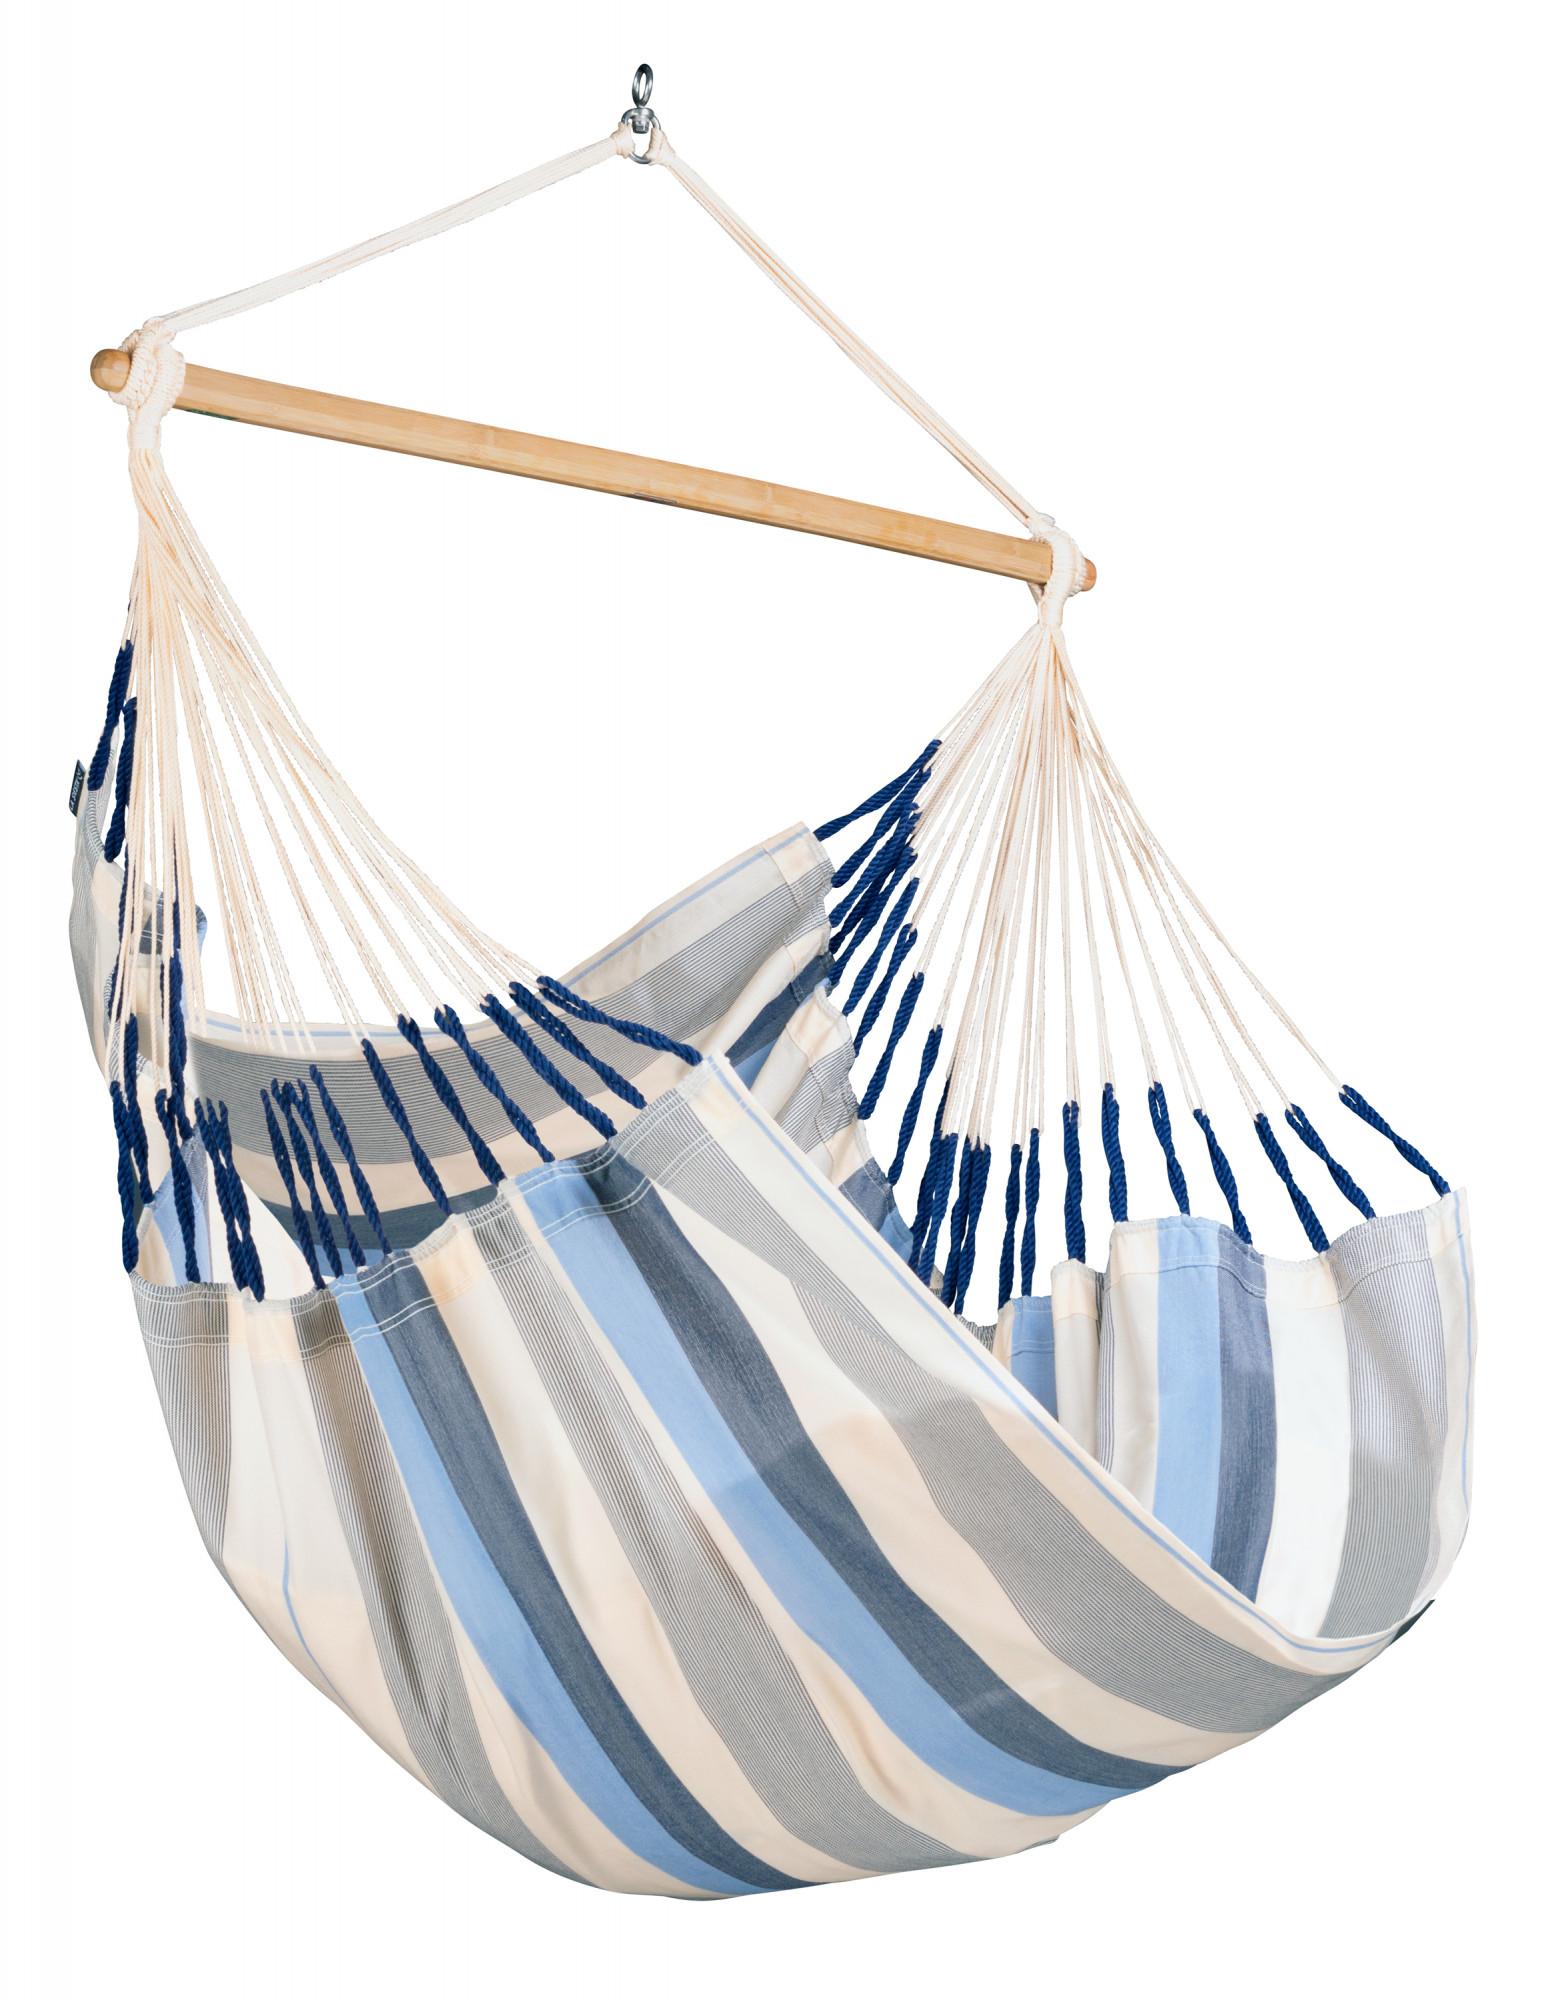 Chaise-hamac comfort en tissu bleu clair